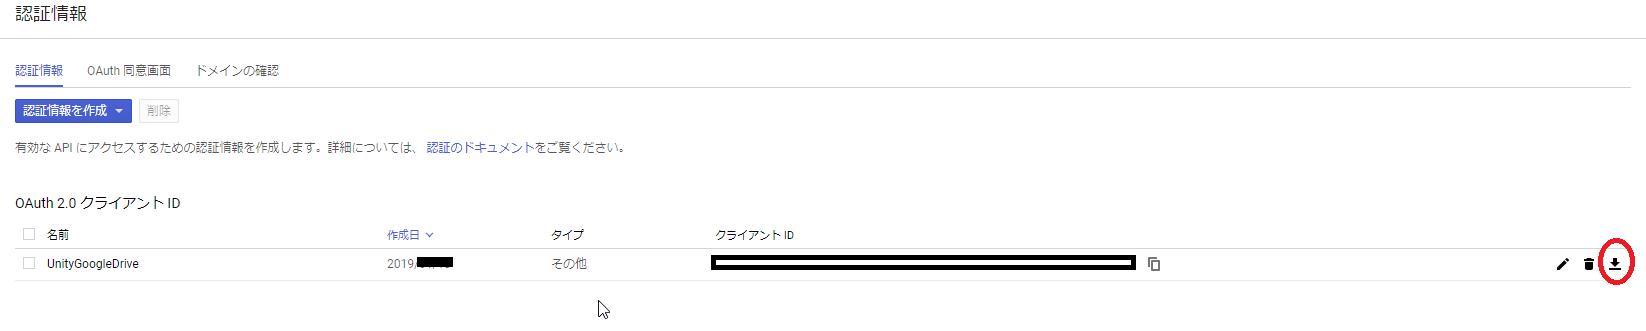 2019-01-13 02_28_09-認証情報 - ApkDriveUploader - Google API コンソール.png